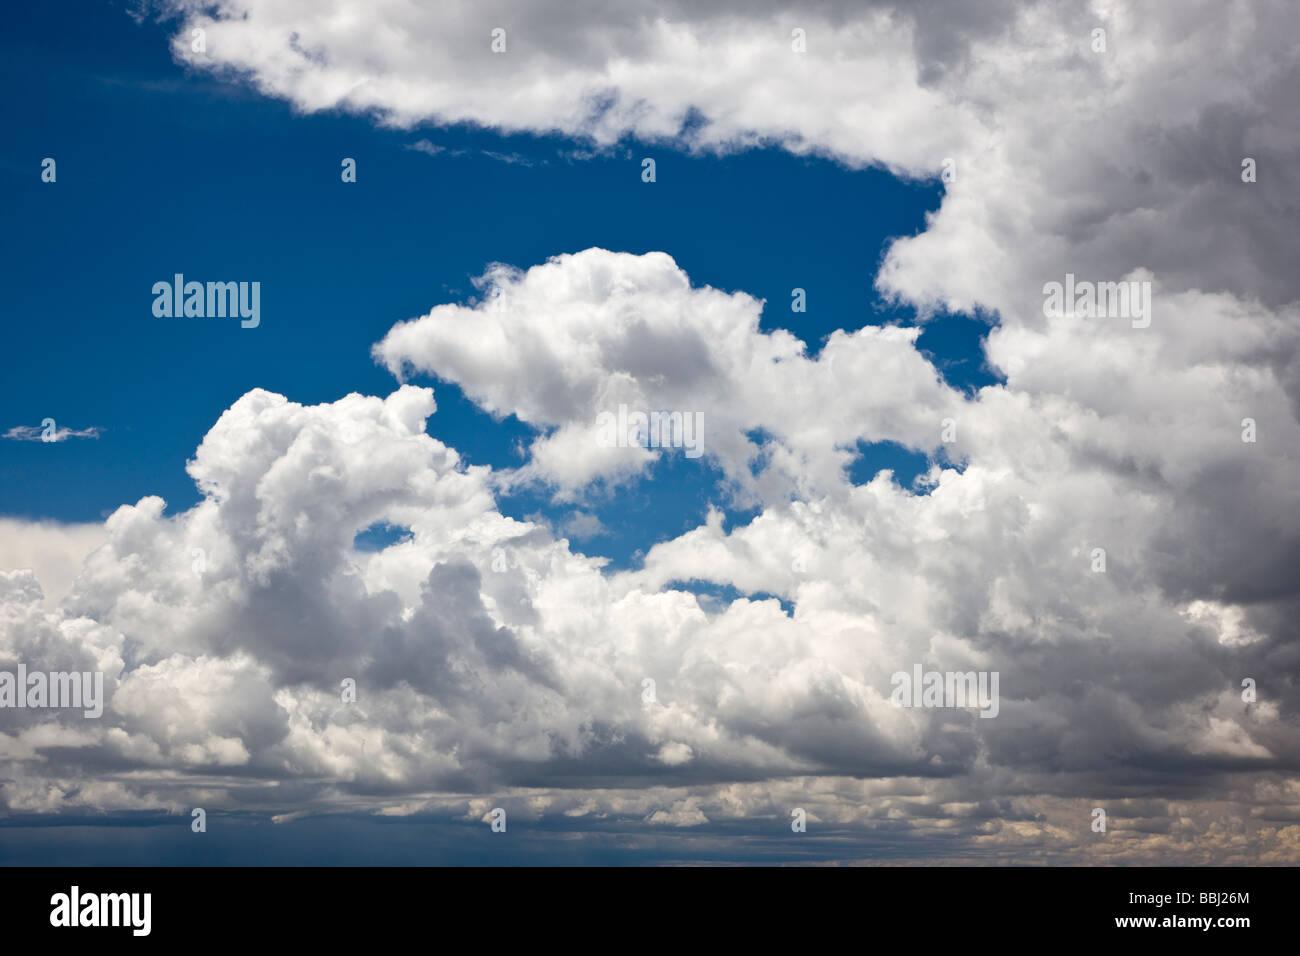 Puffy cumulous bianche nuvole contro un cielo azzurro Cerro Summit Highway 50 est di Montrose Colorado USA Immagini Stock